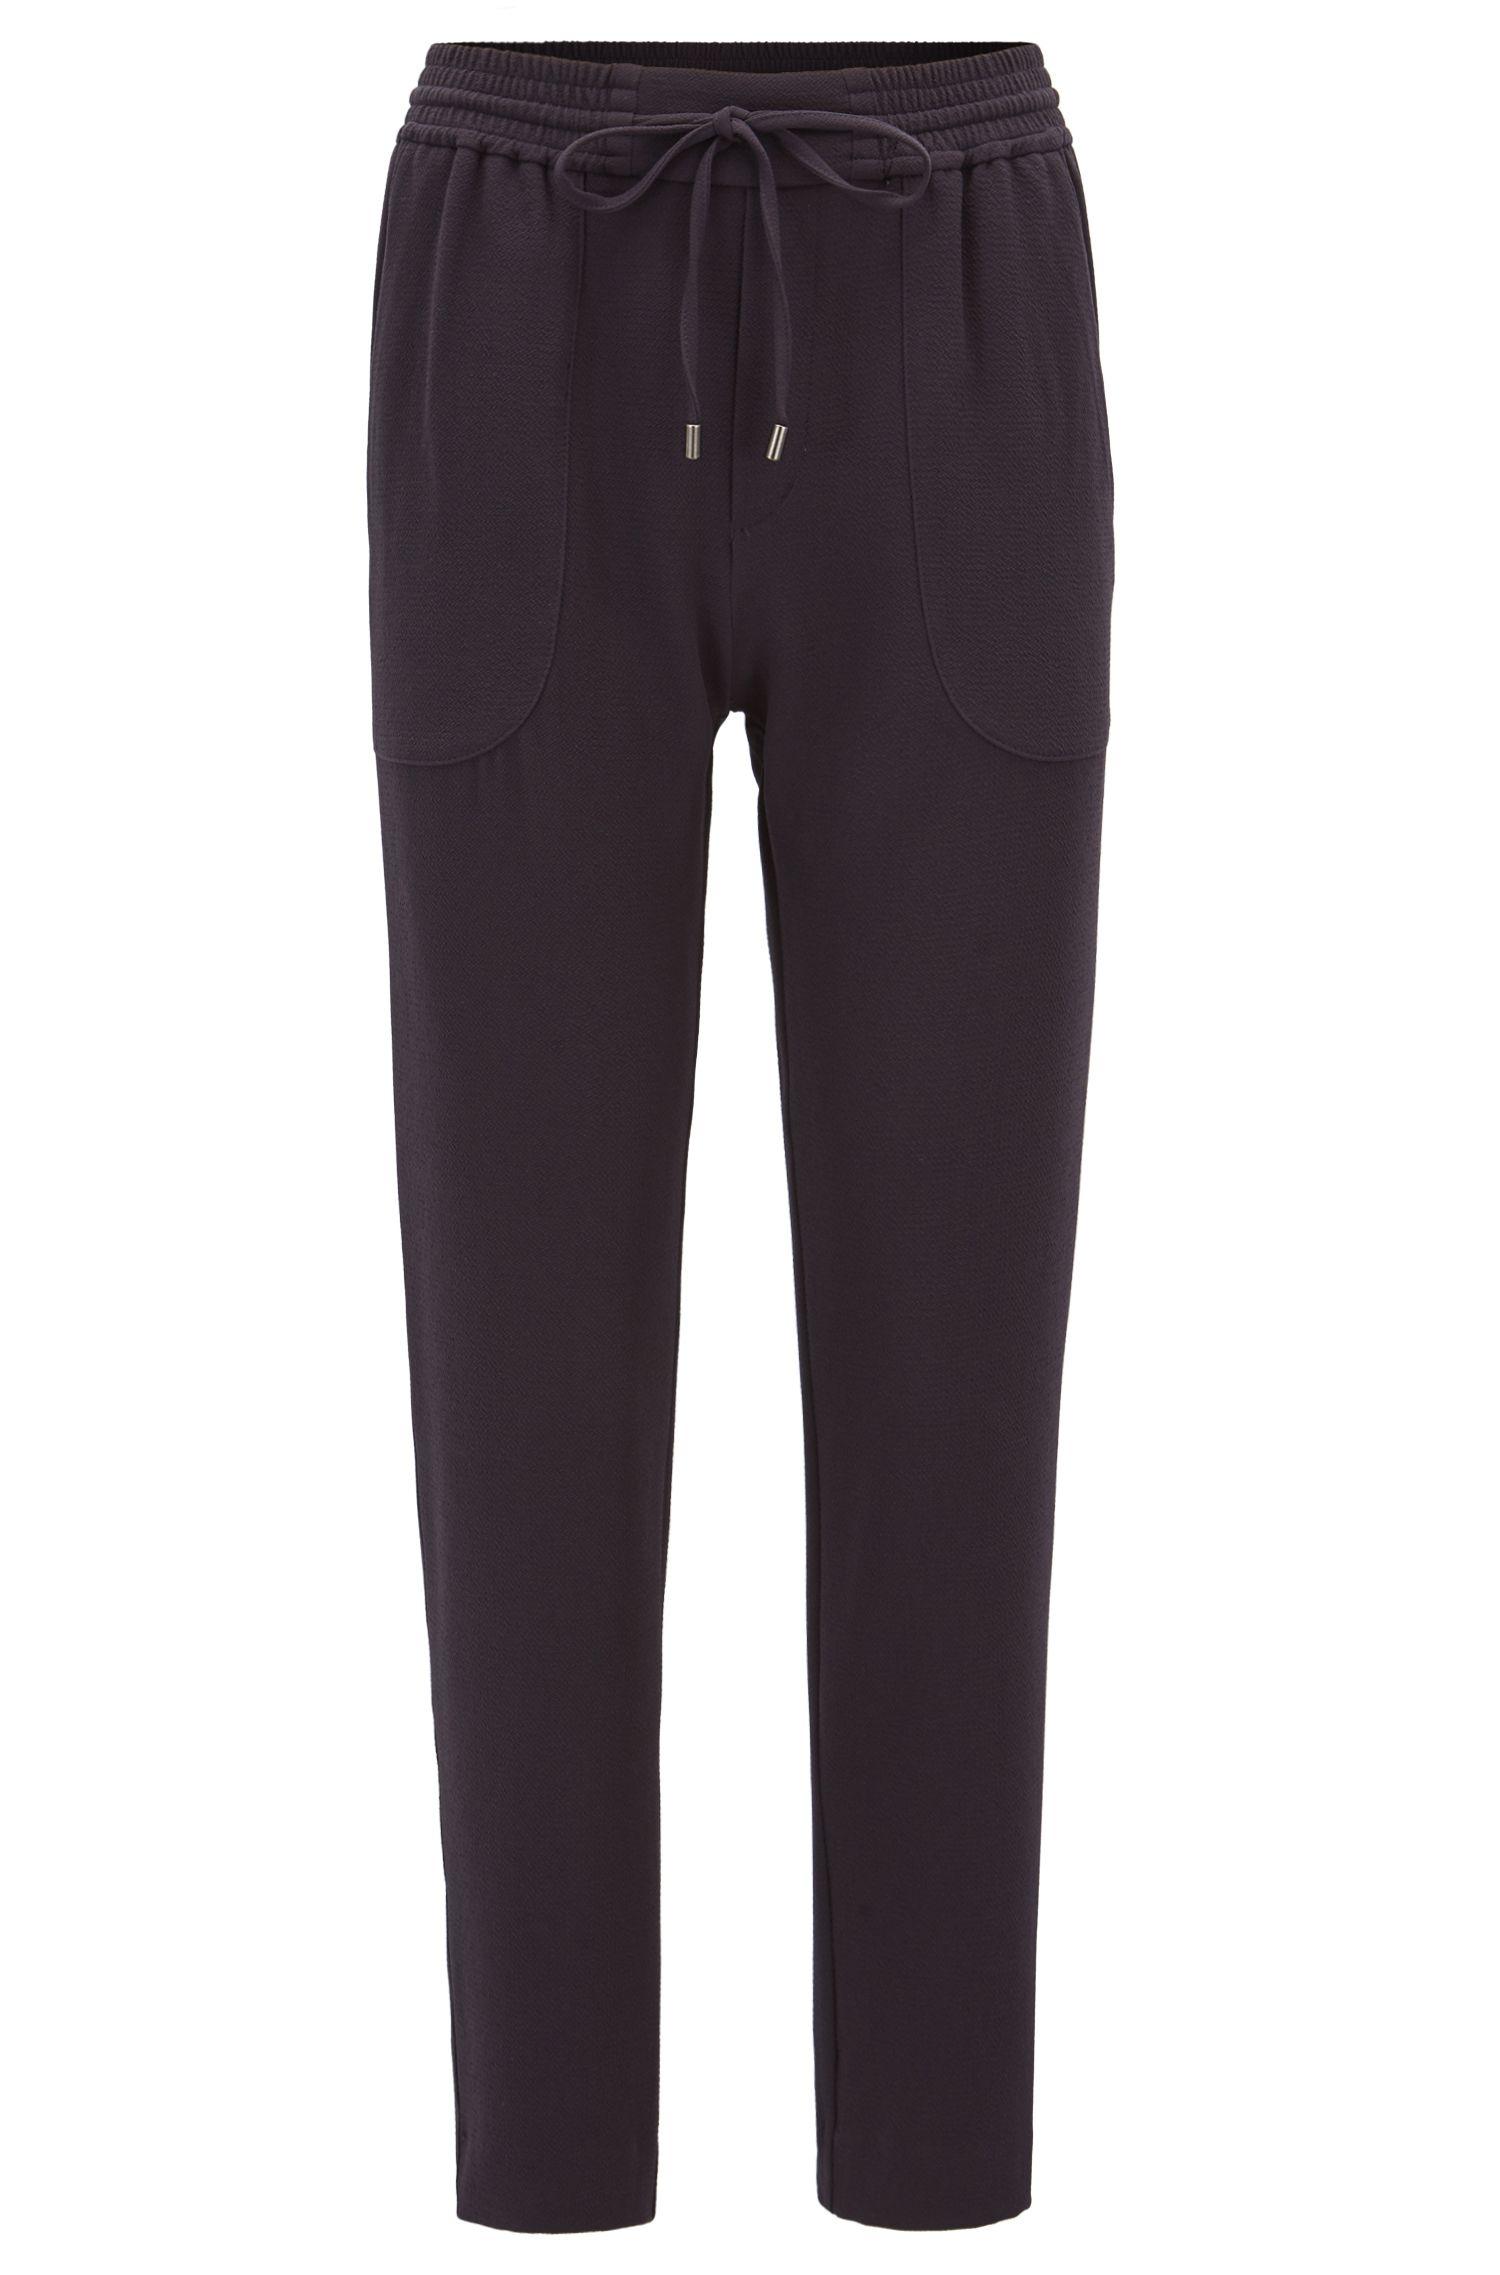 Pantaloni relaxed fit con lacci in crêpe elasticizzato effetto stropicciato